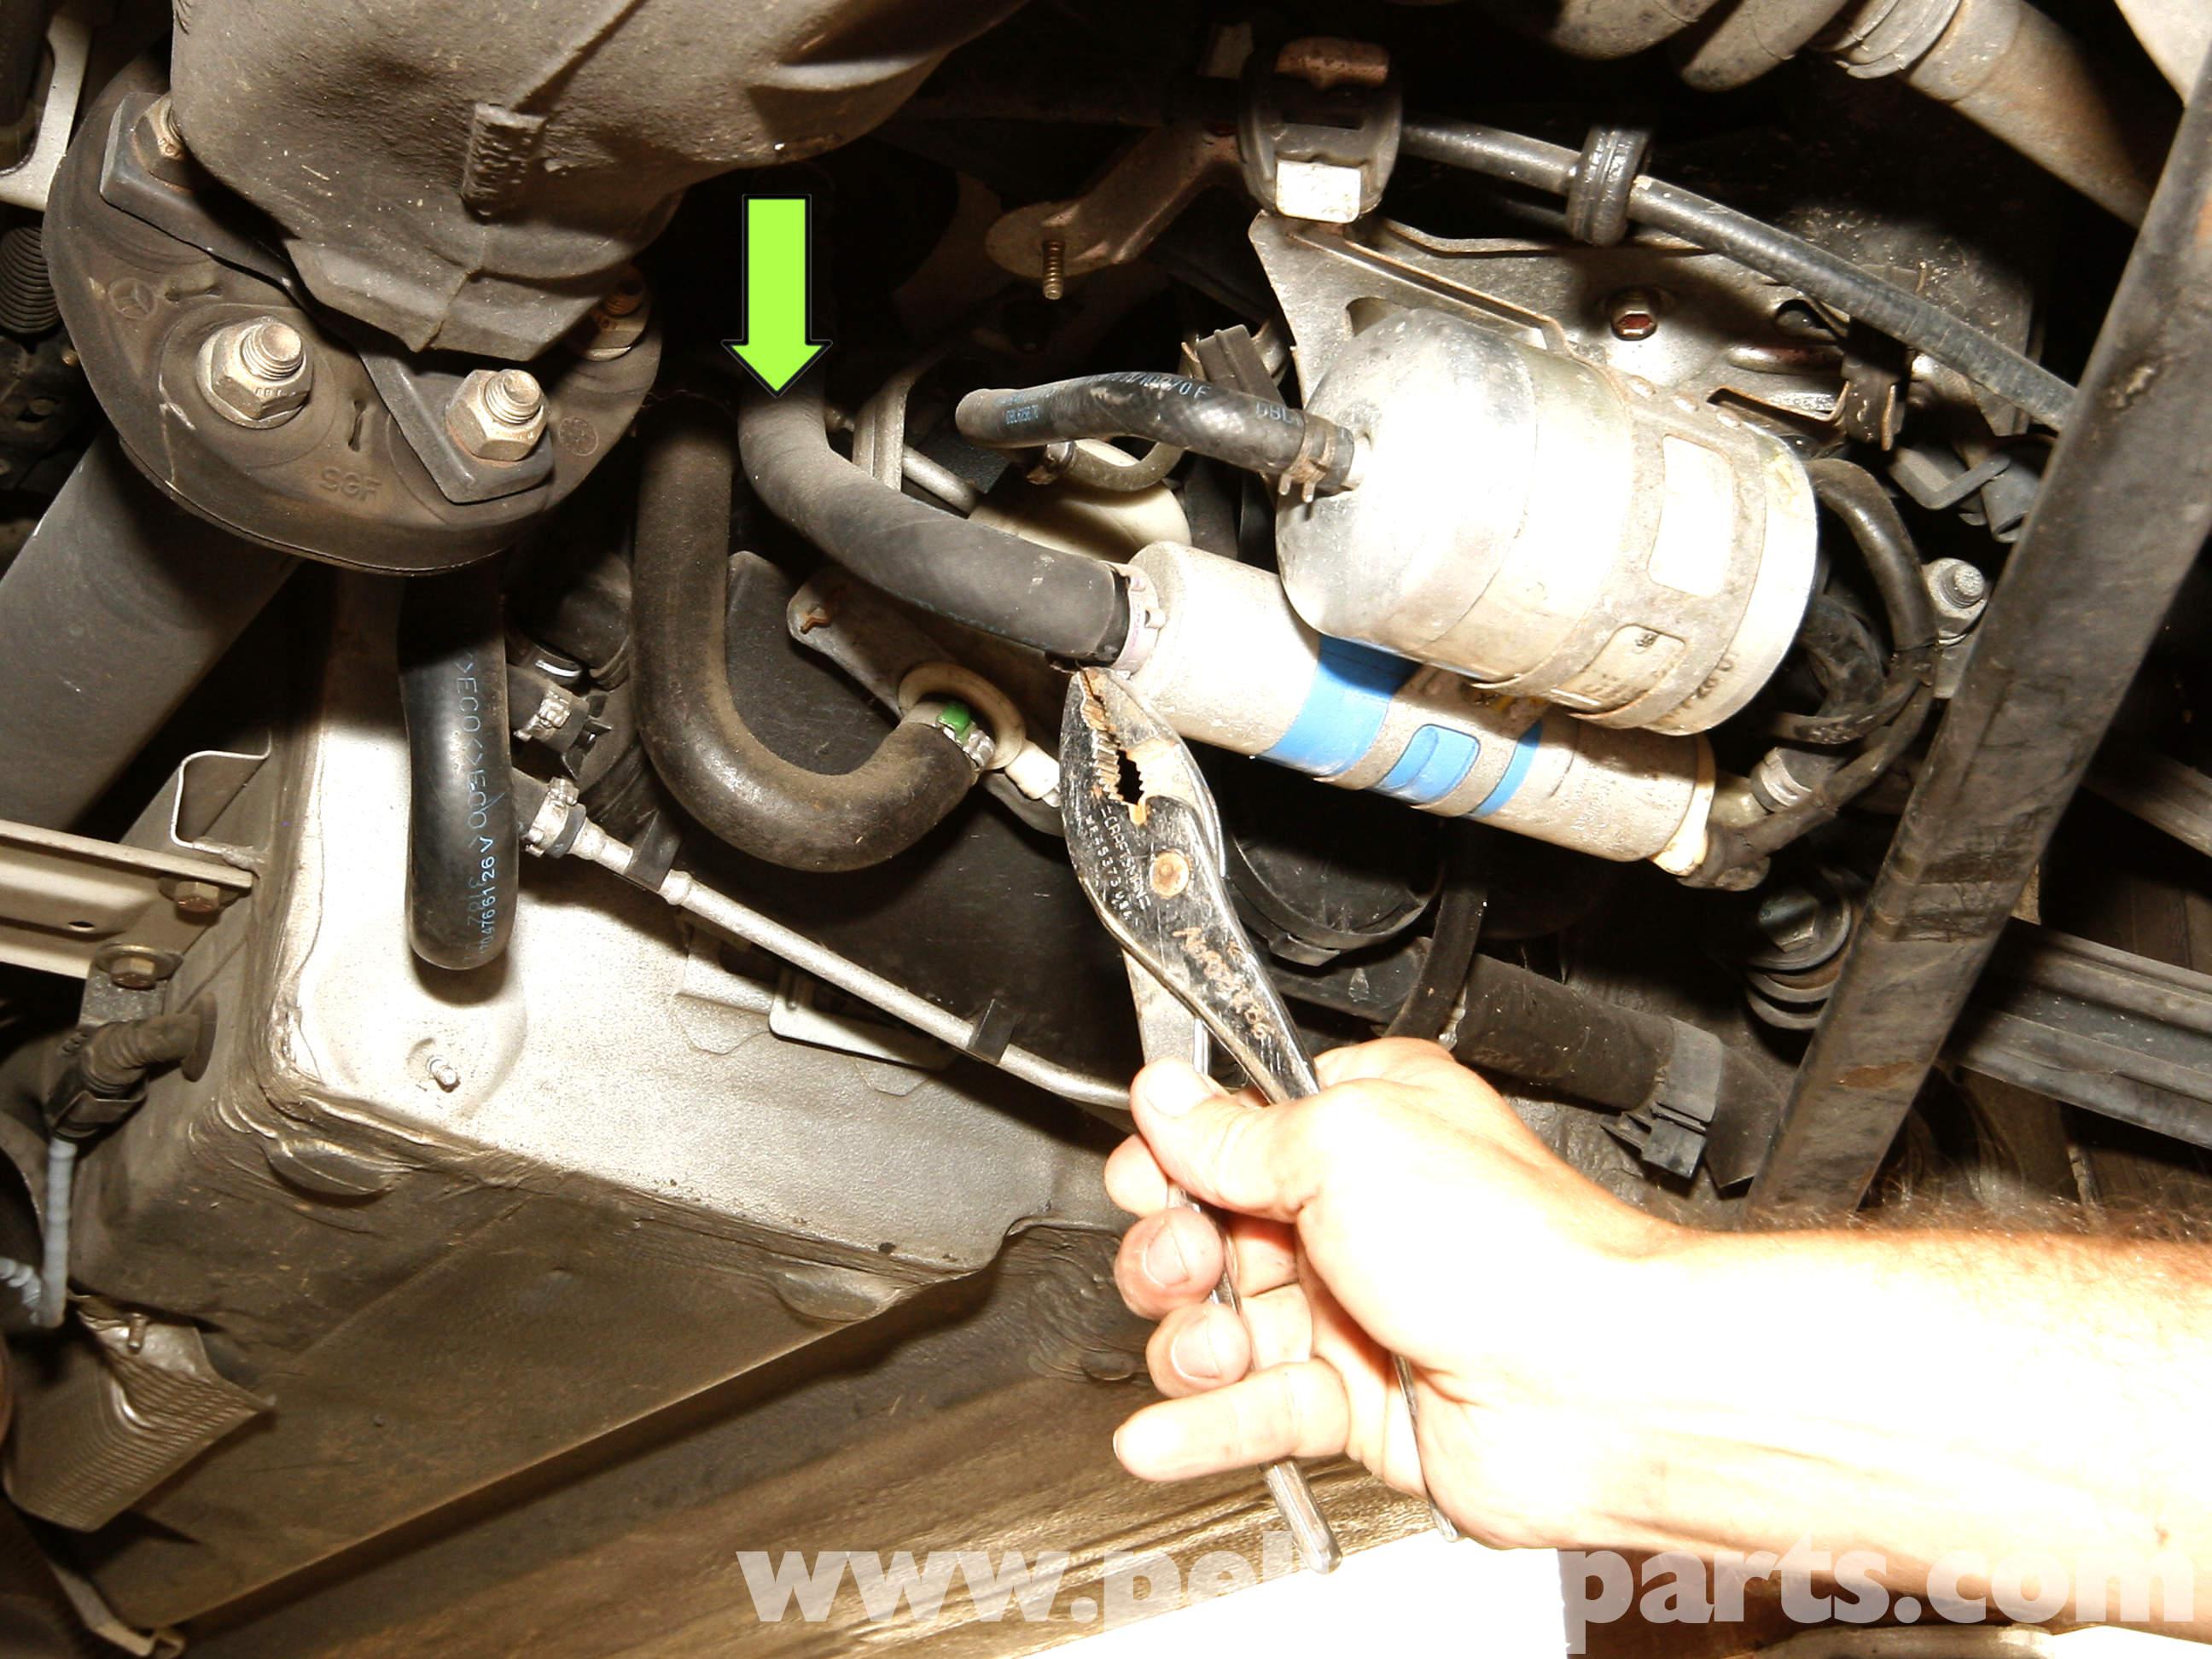 Mercedes Slk230 Fuel Filter Location Benz 1998 Ml320 4